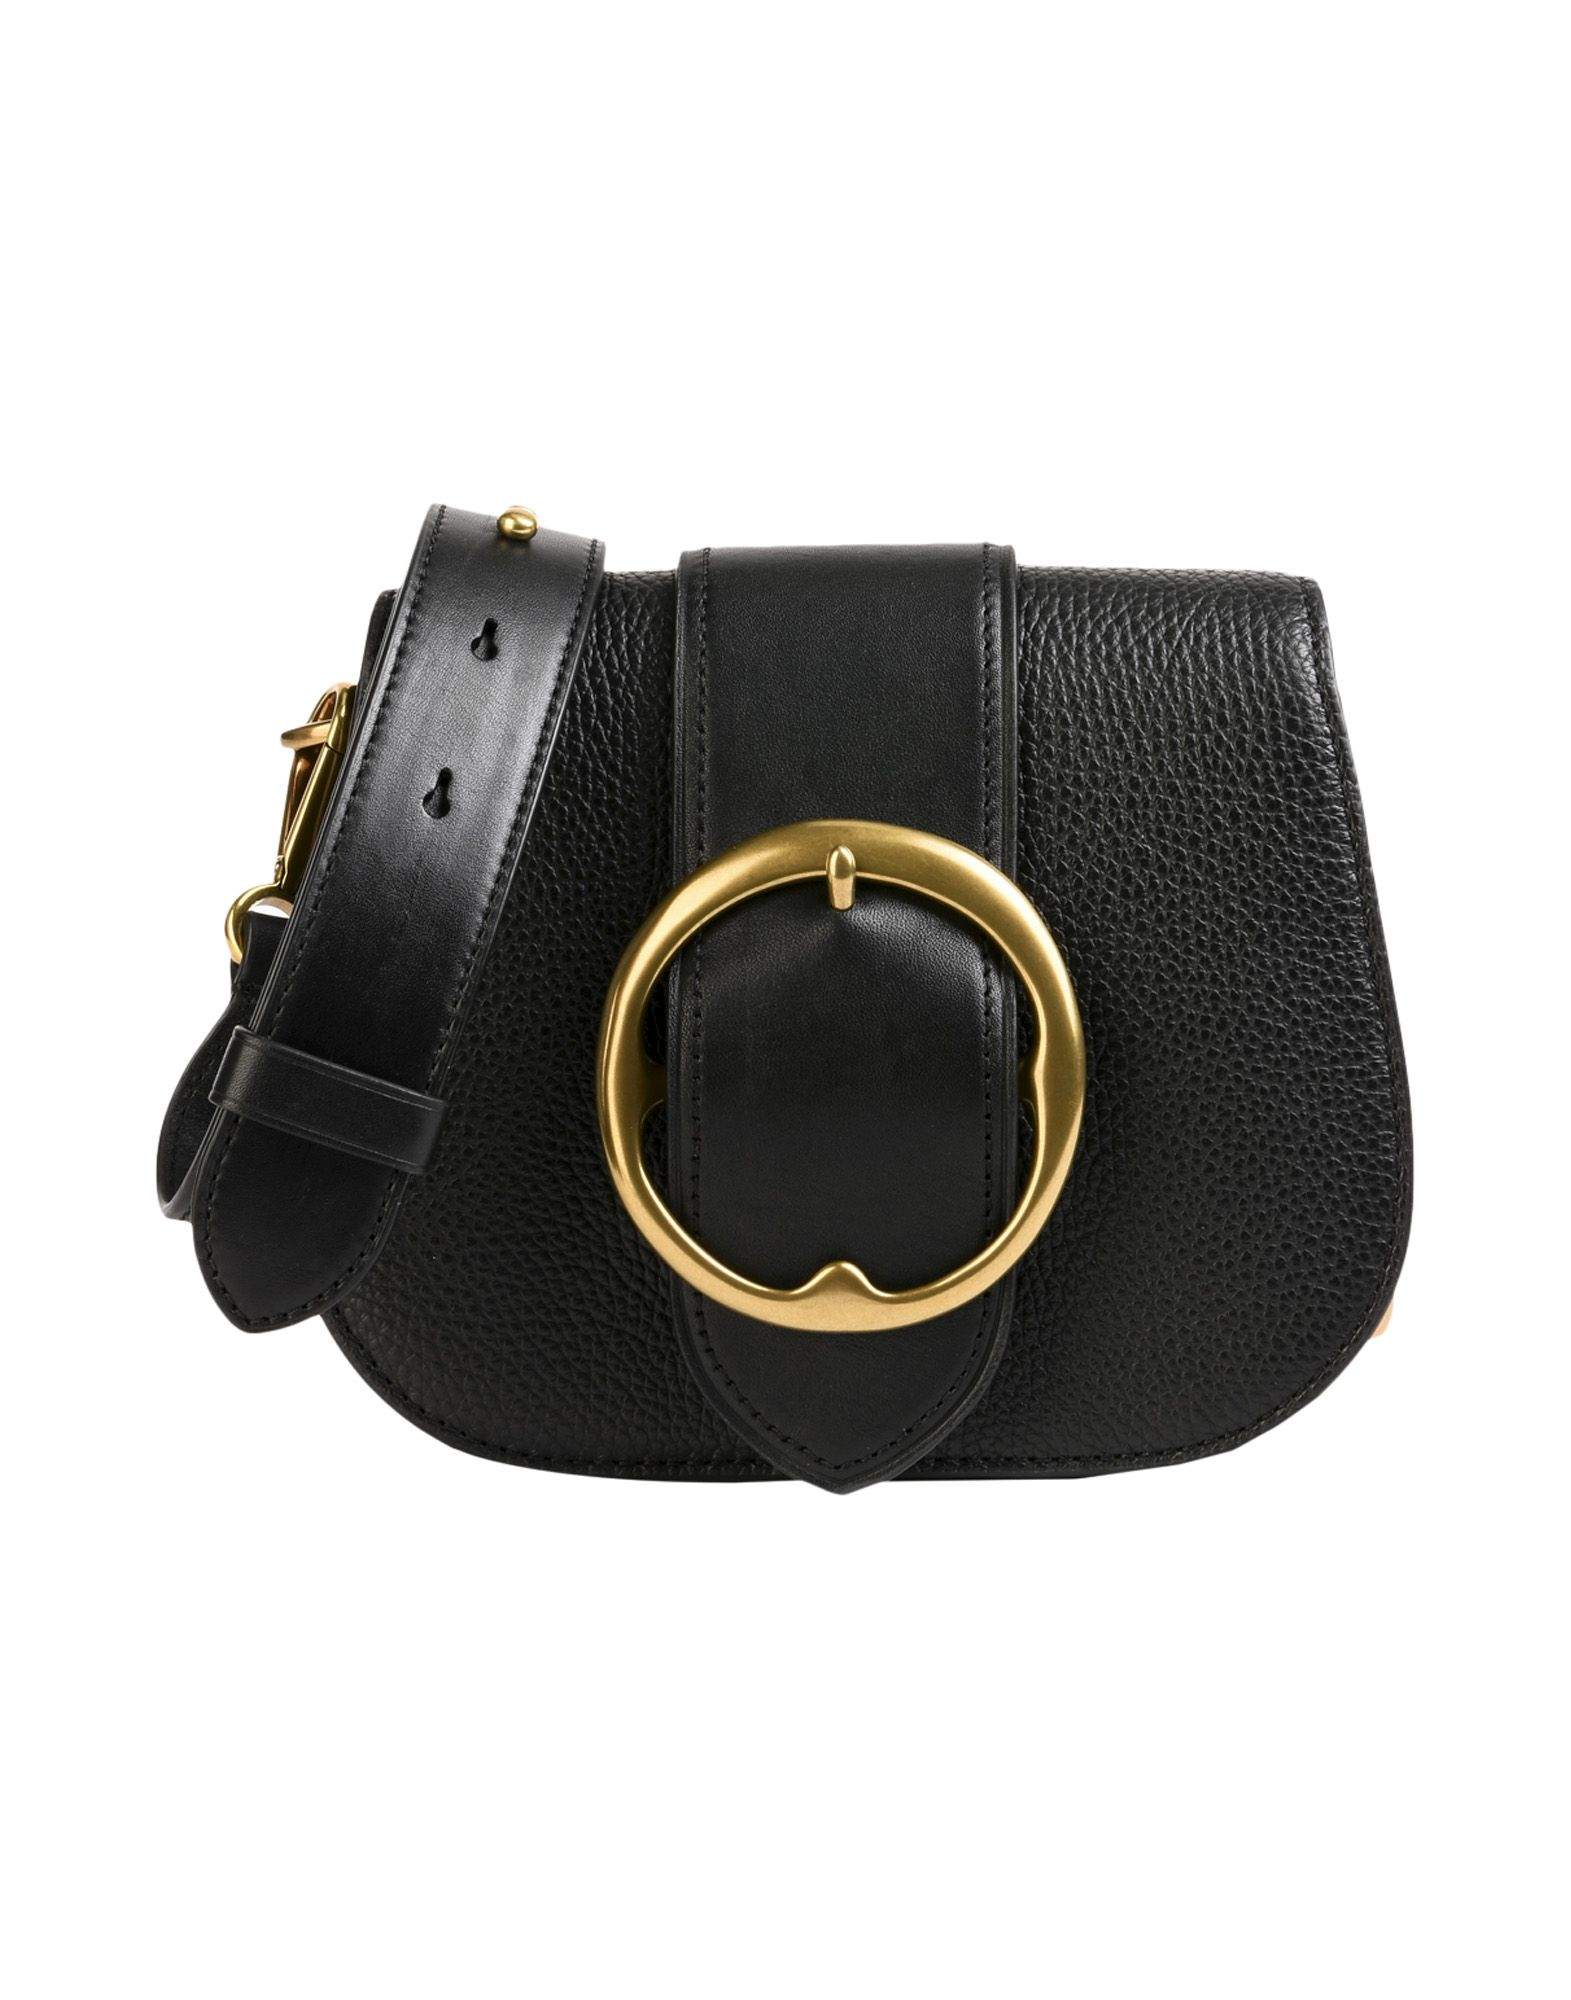 《送料無料》POLO RALPH LAUREN レディース メッセンジャーバッグ ブラック 牛革 100% Pebbled Leather/ Nappa Medium Bag